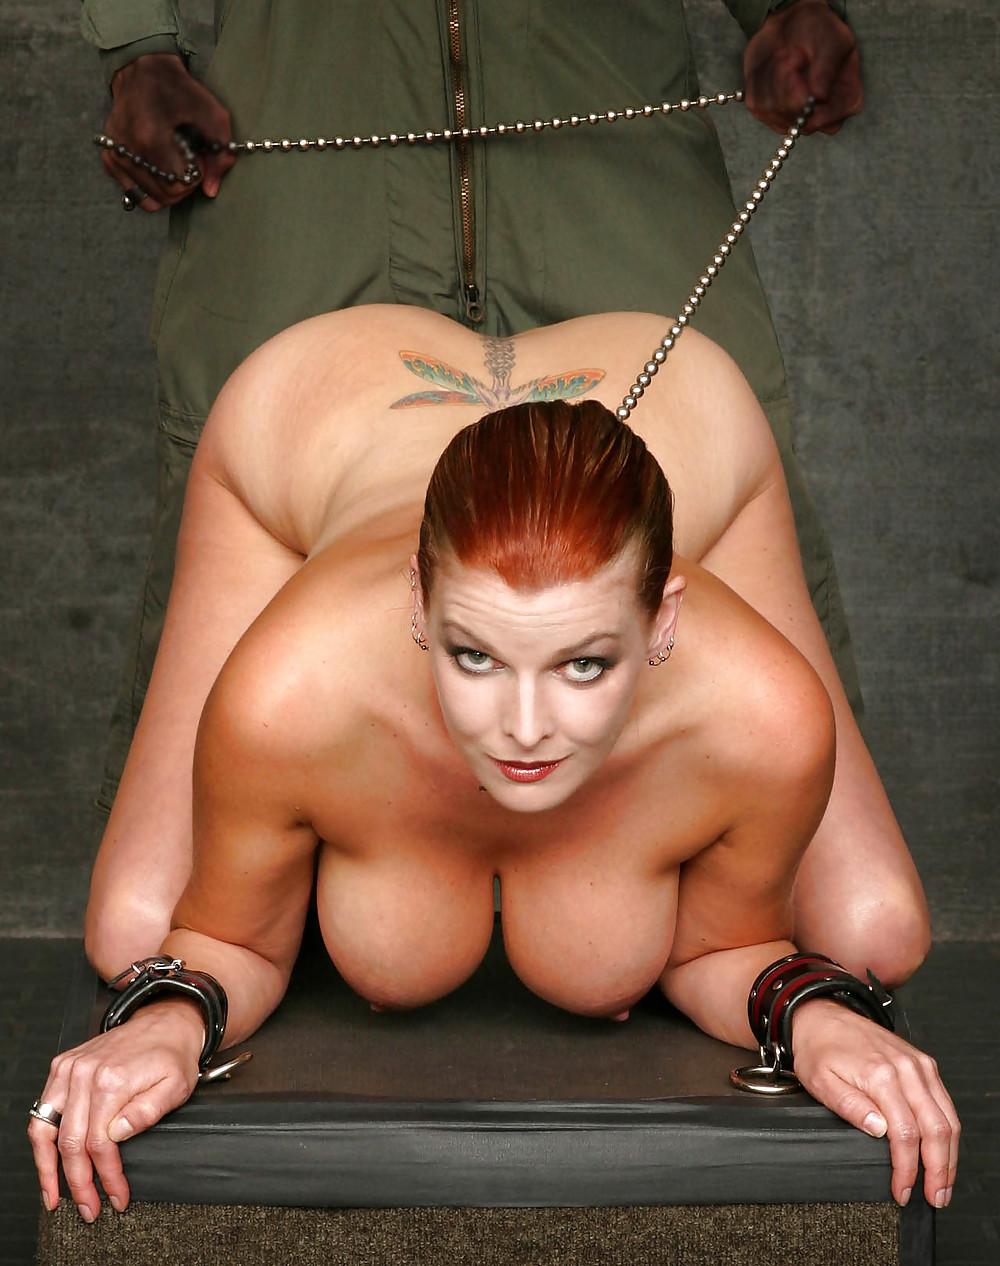 Порно звезды фото галереи бдсм — pic 1